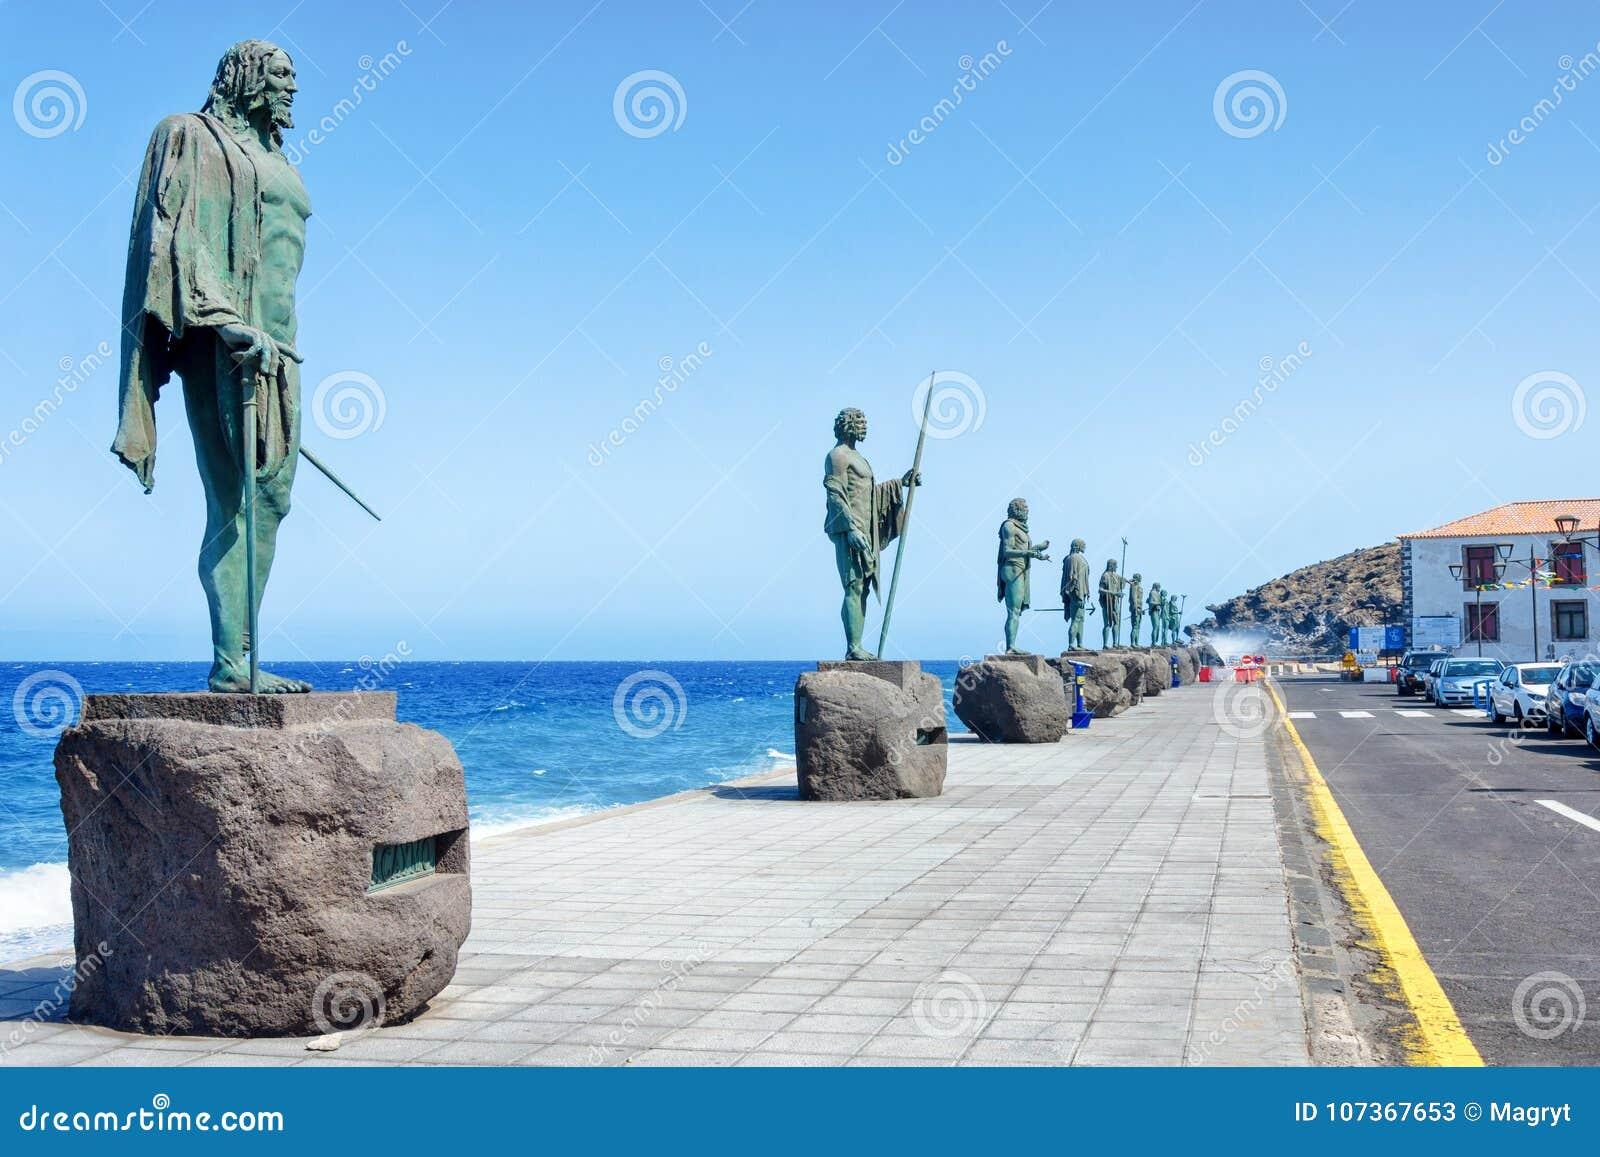 Plein van de patroon van de Canarische Eilanden Guanches met standbeelden De laatste koningen van Tenerife in beeldhouw en overma